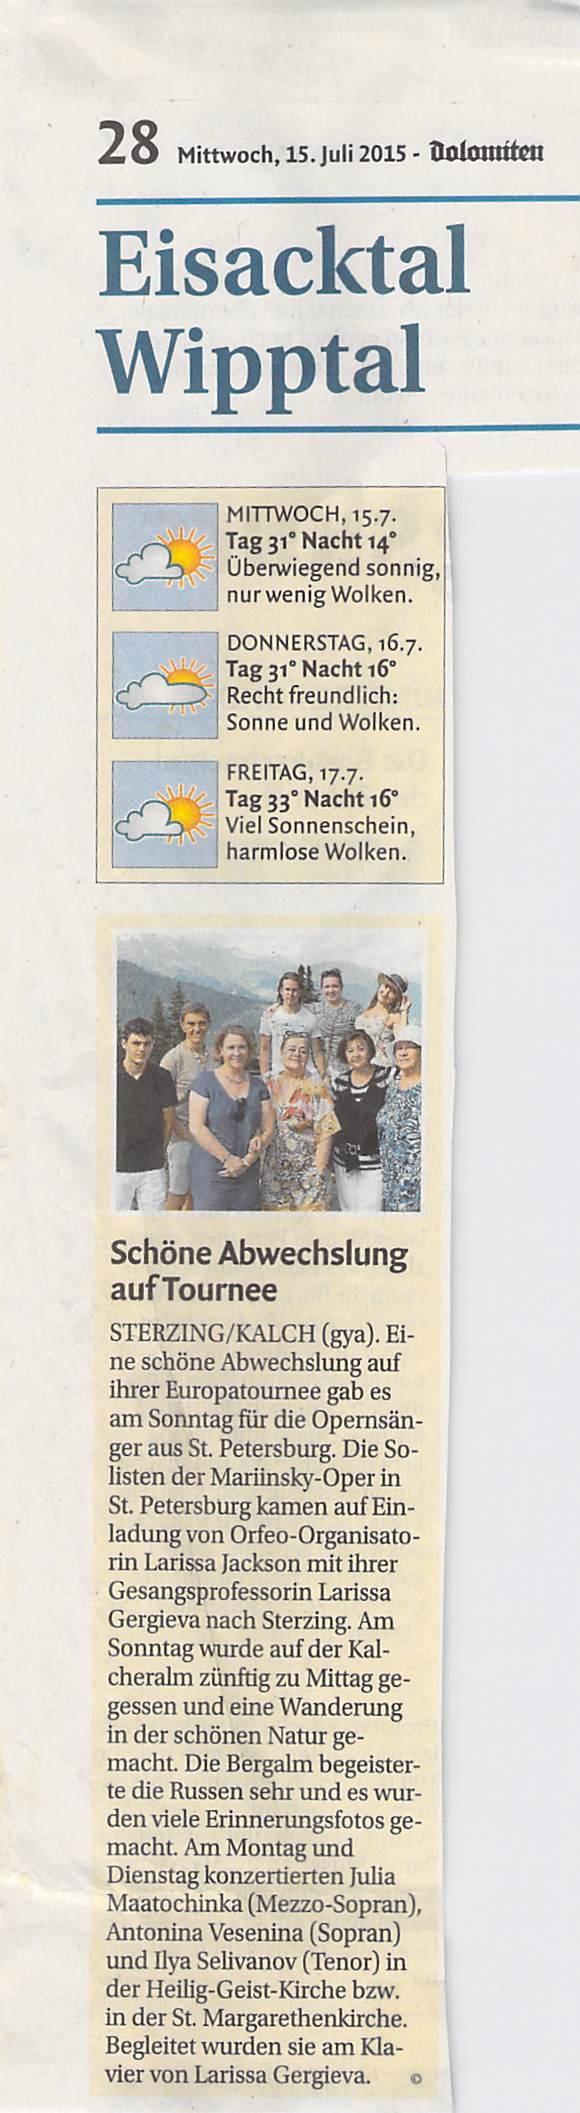 2015_0715 Schoene Abwechslung auf Tournee-Dolomiten.jpg